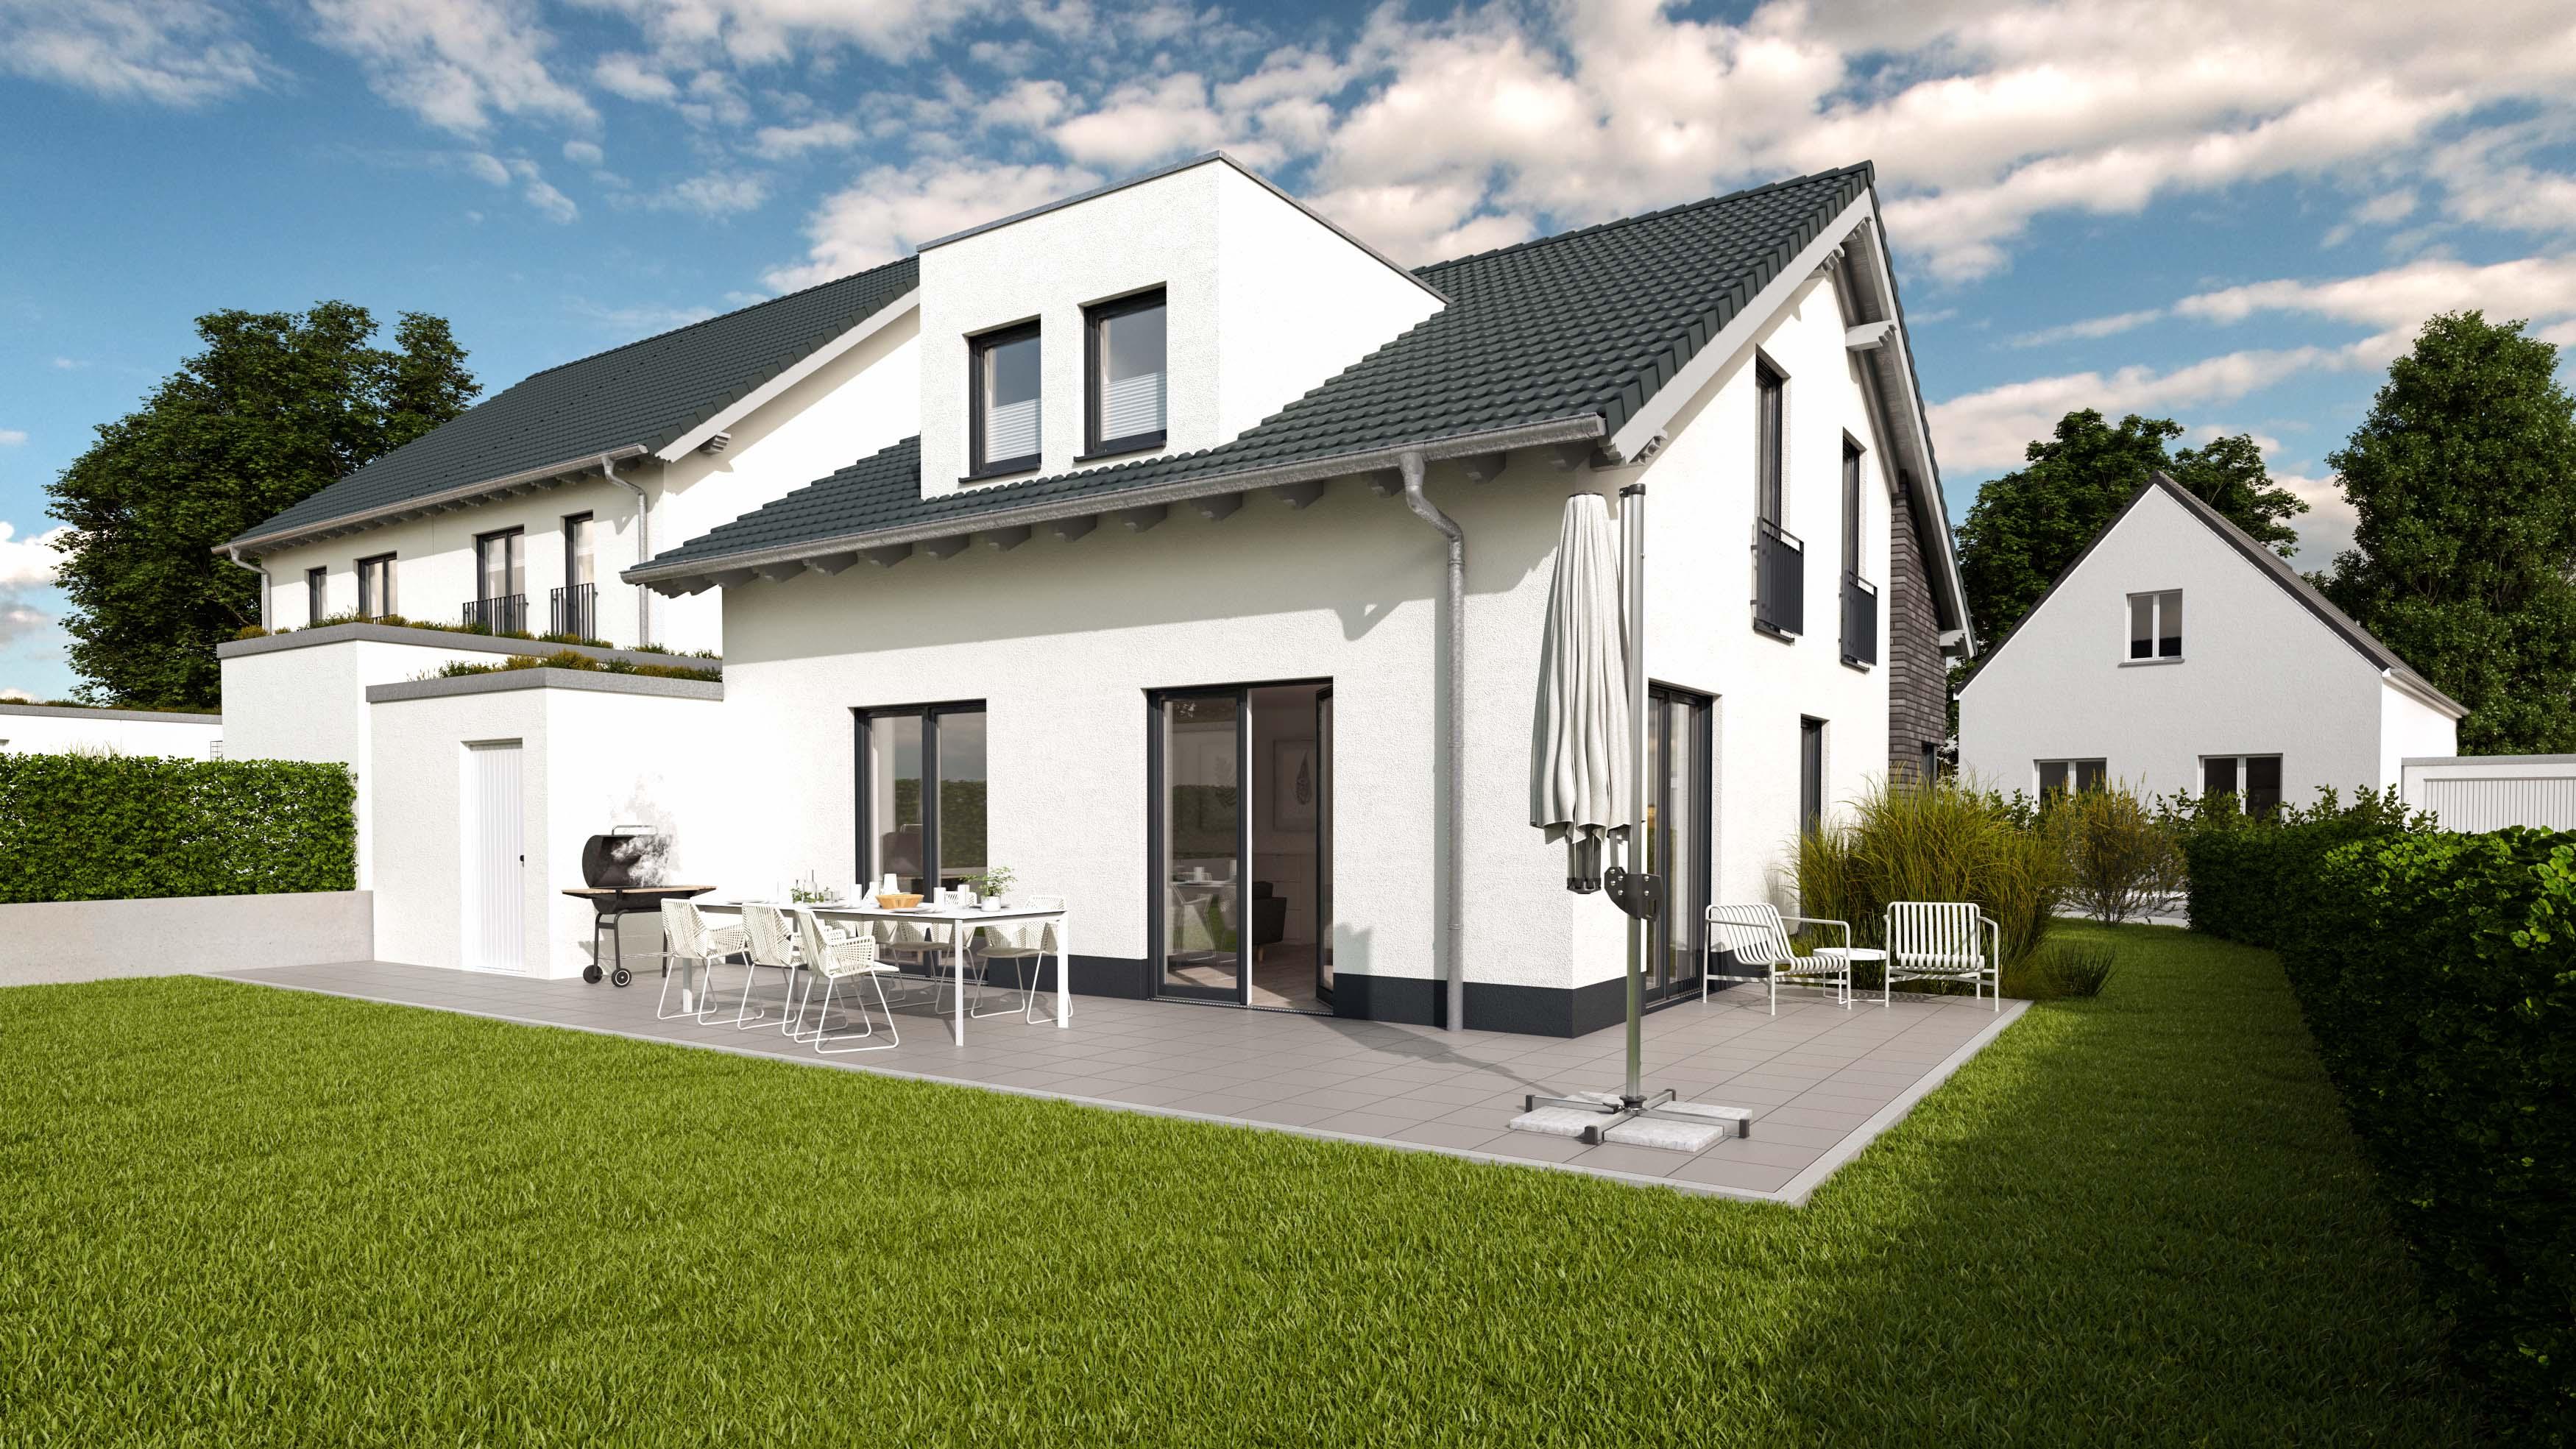 Architekturvisualisierung-Einfamilienhaus-hinten